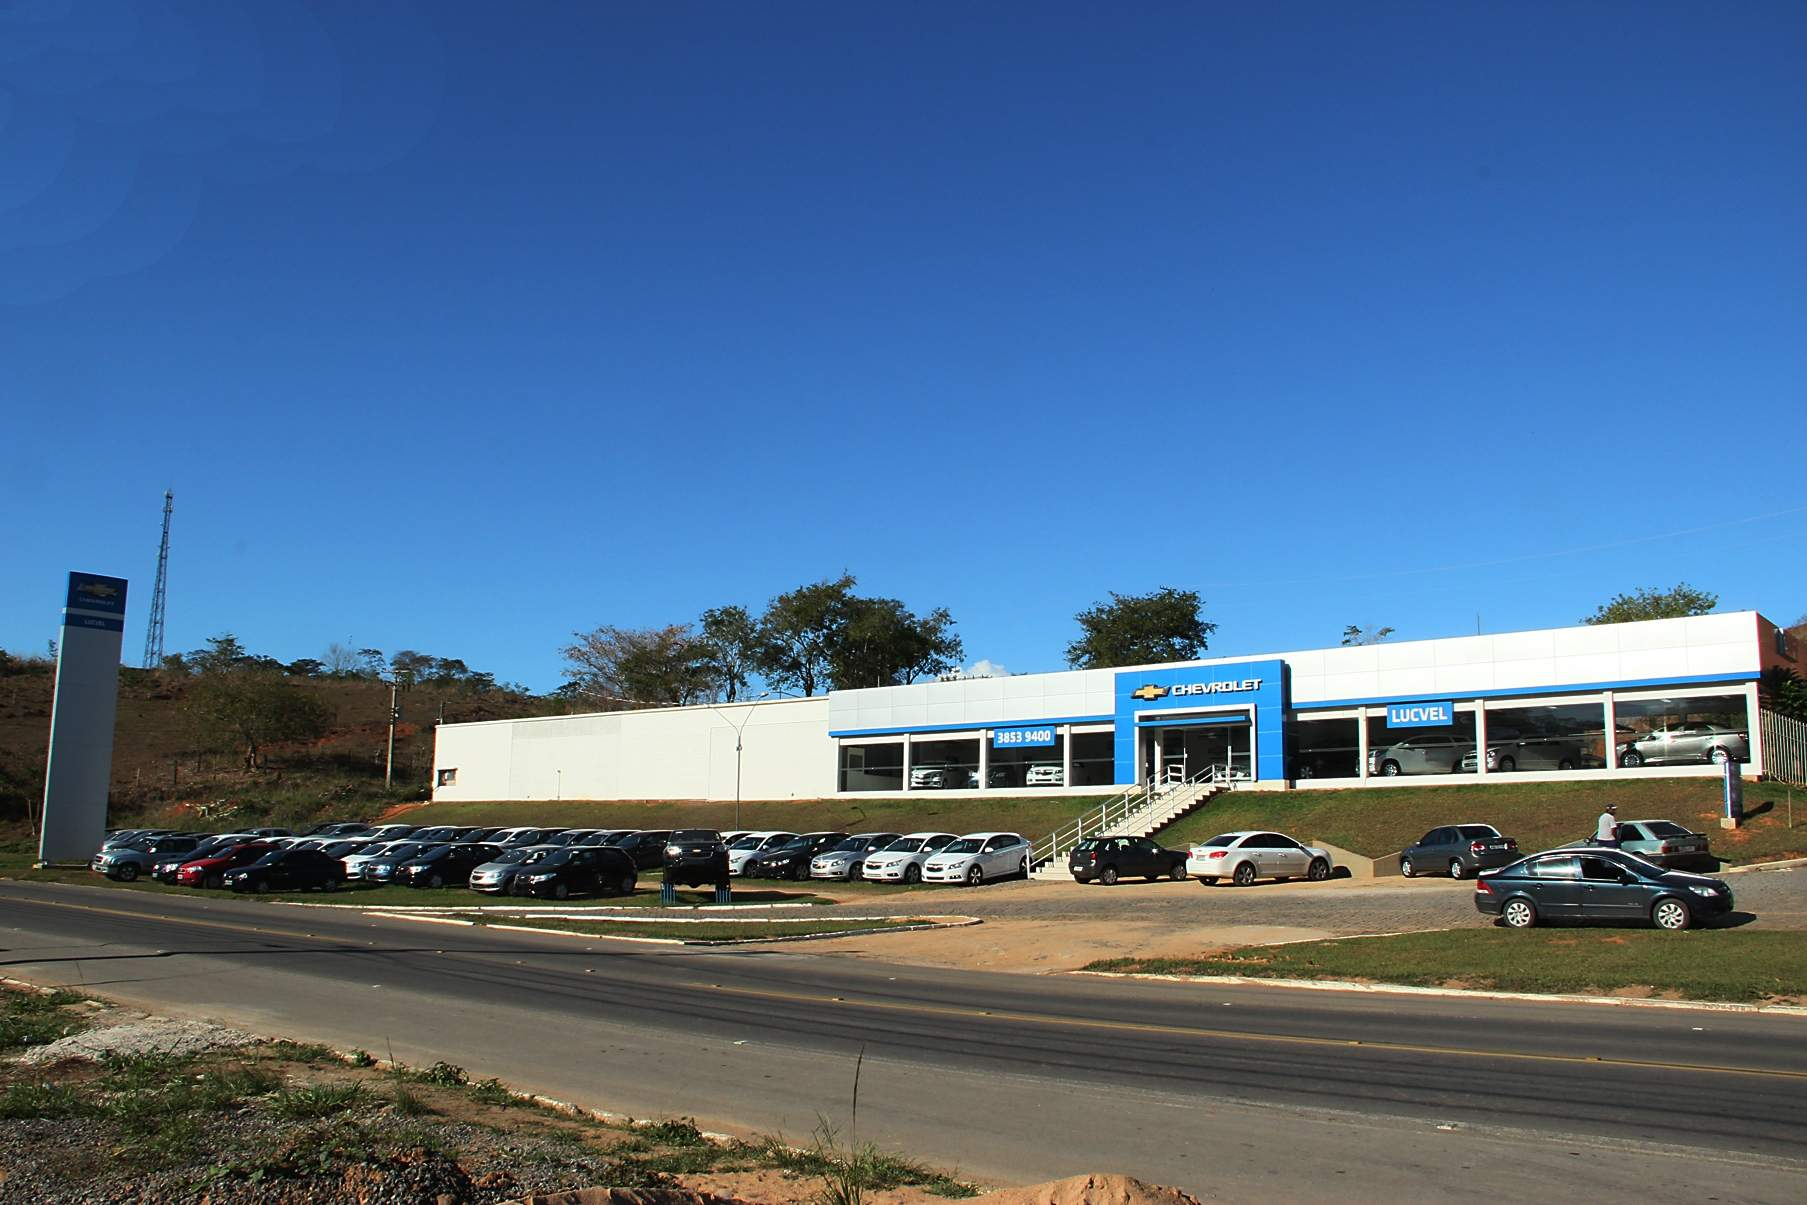 Fachada concessionária Chevrolet Lucvel Santo Antônio de Pádua